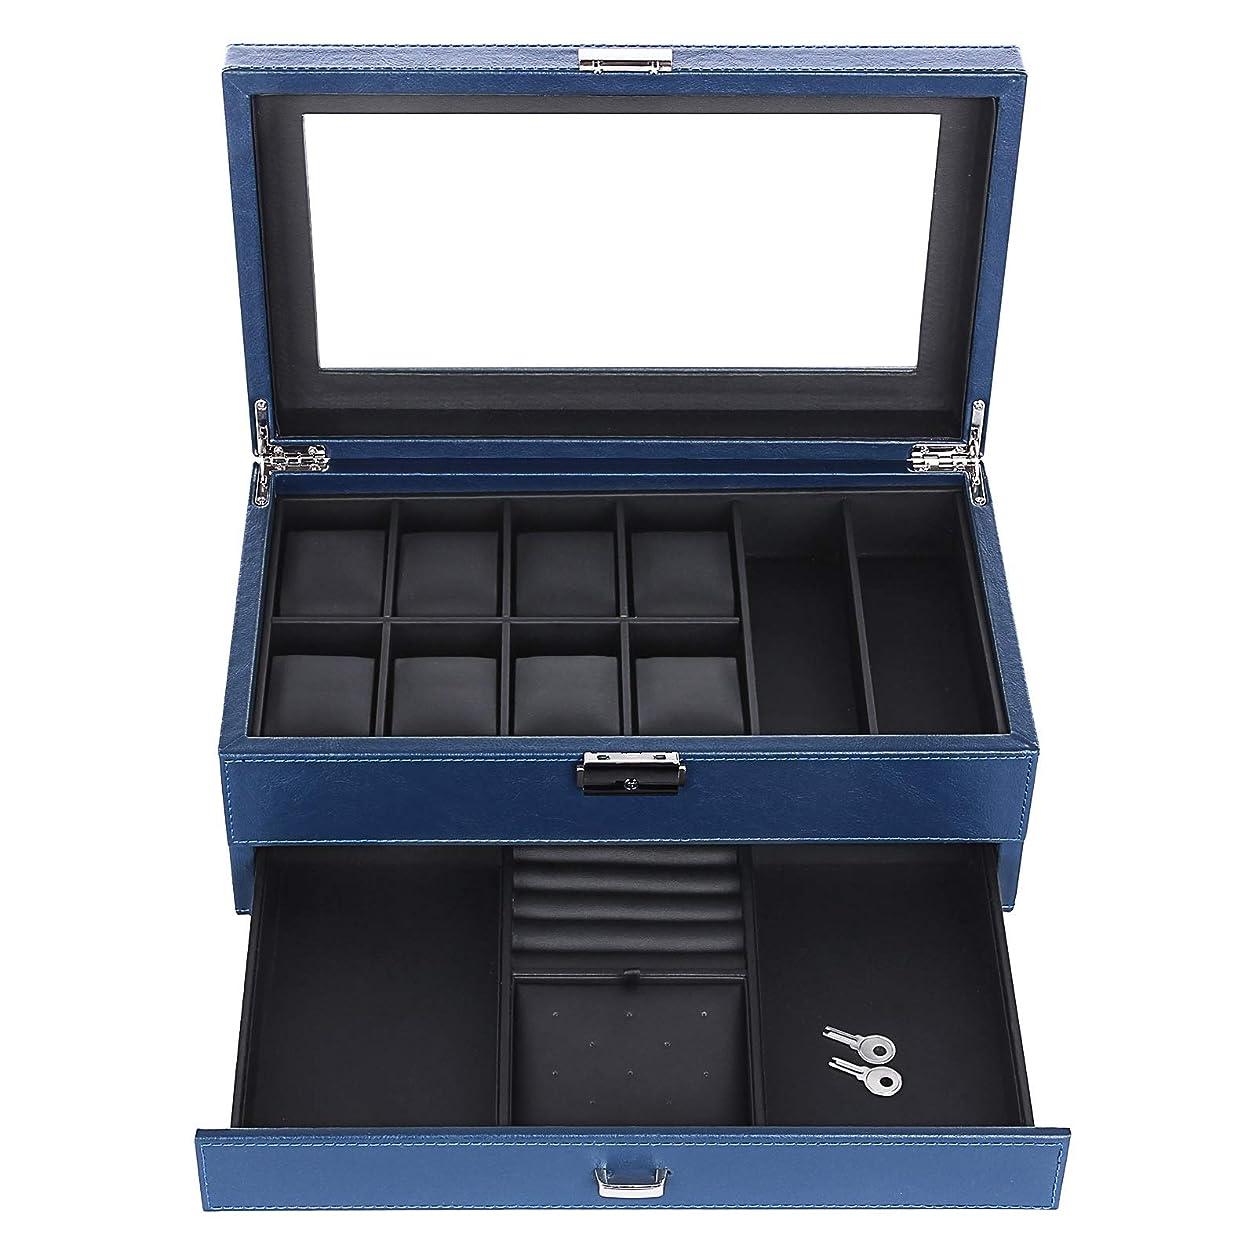 引き受ける消費者蓄積するSONGMICS 腕時計収納ケース 腕時計収納ボックス コレクションケース 高級革内装 8本用 メガネ アクセサリー収納 メンズ 2段 ギフト NJWB012L